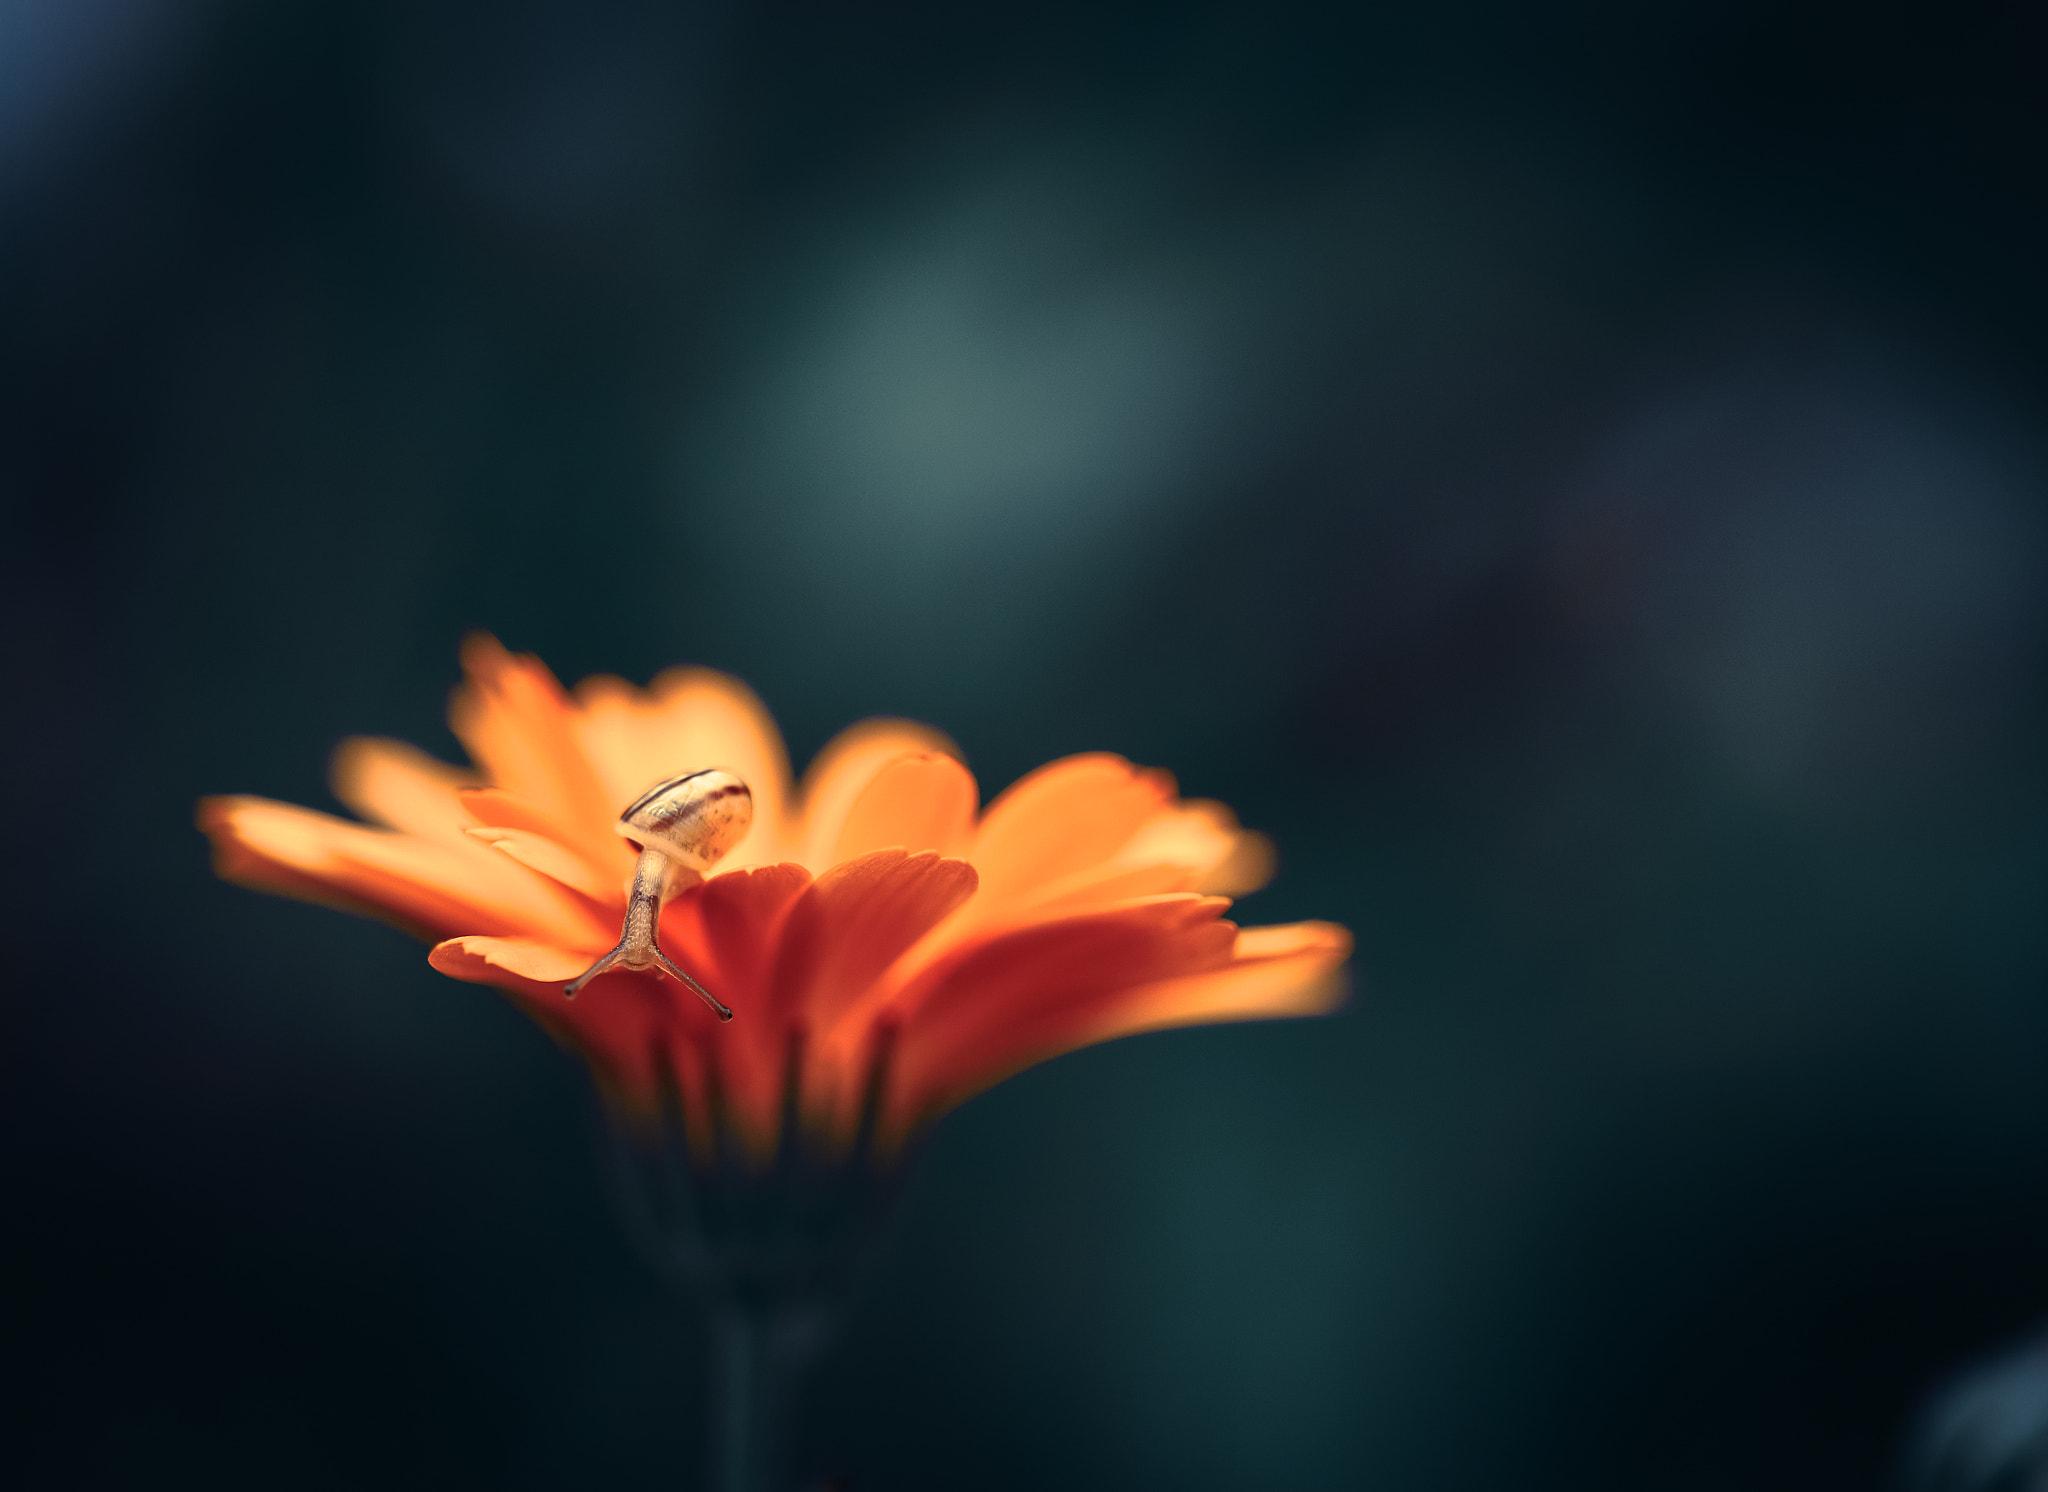 デスクトップ壁紙 動物 オレンジ色の花 スラグ 閉じる